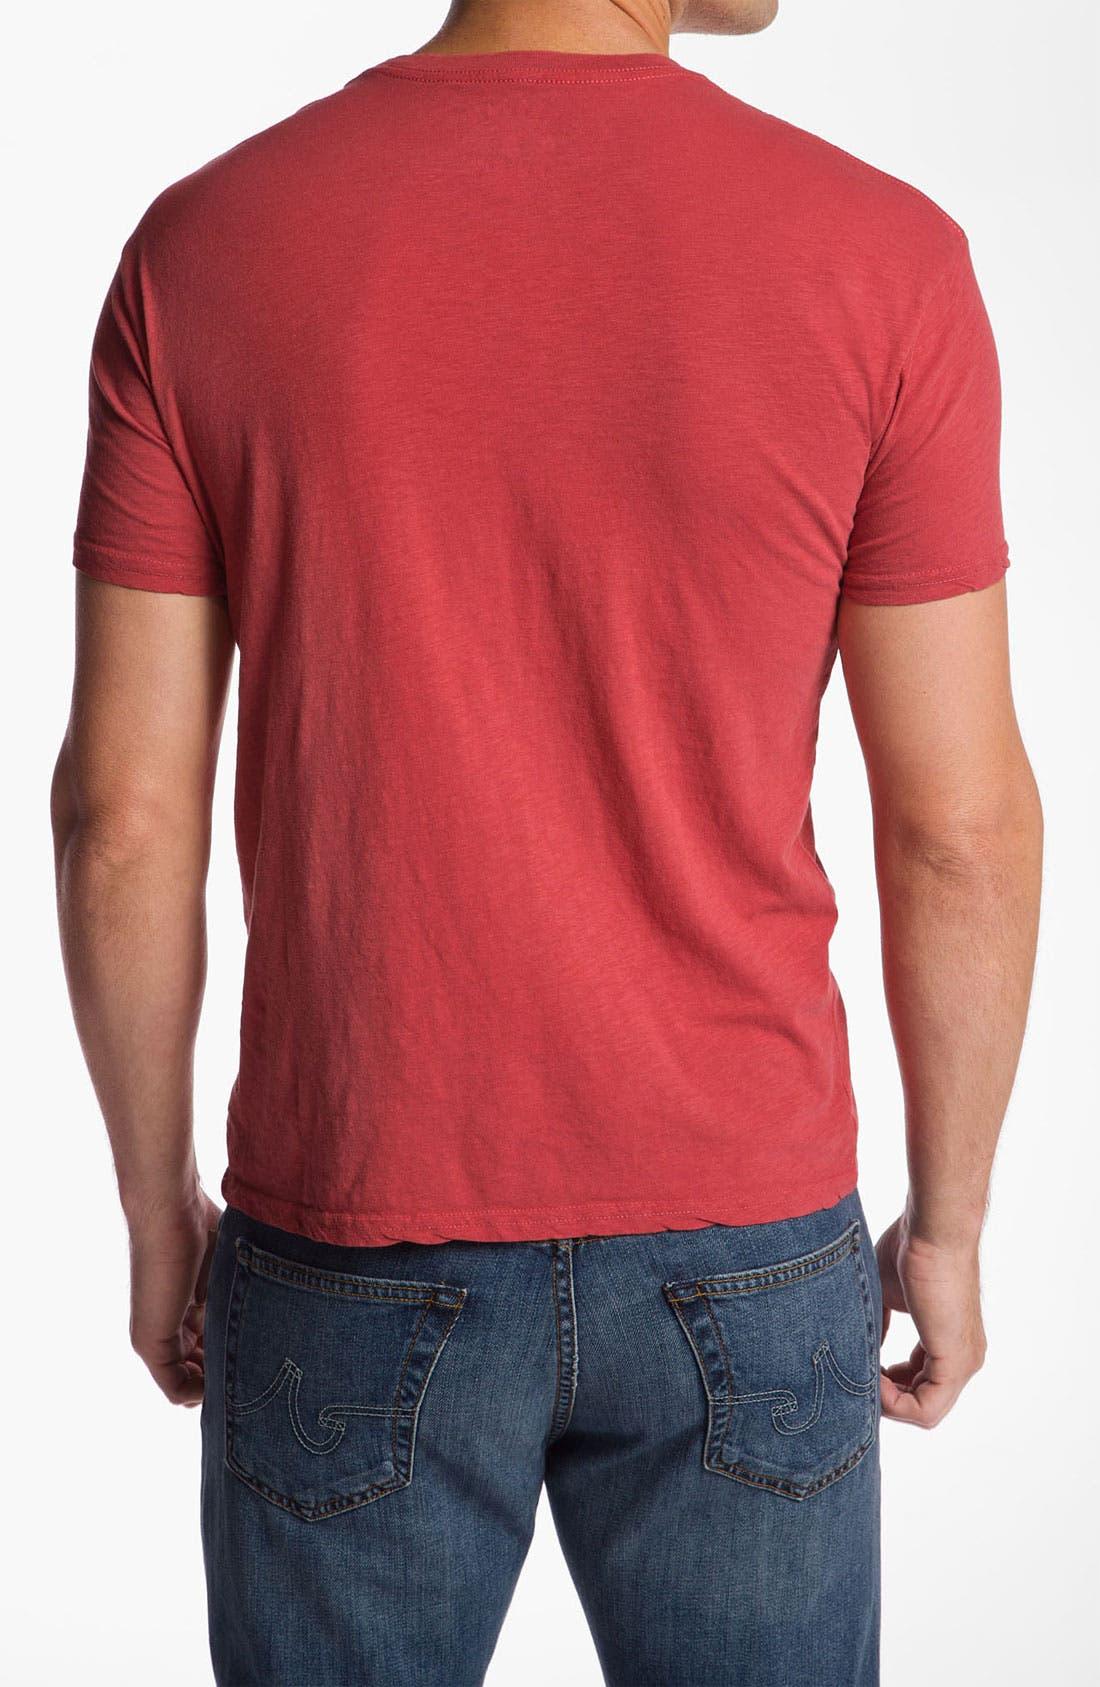 Alternate Image 2  - The Original Retro Brand 'USC' T-Shirt